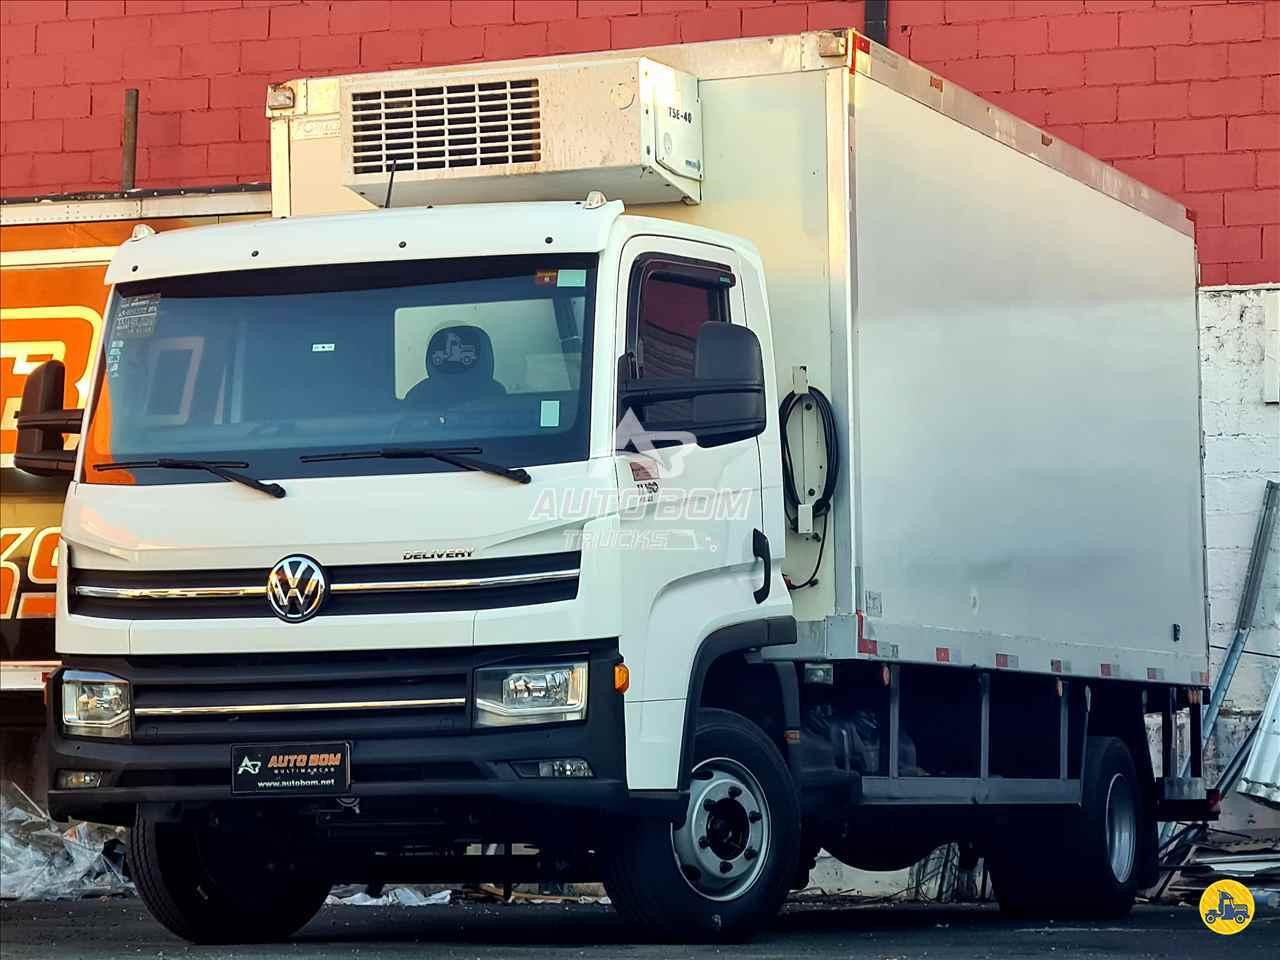 CAMINHAO VOLKSWAGEN VW 11180 Baú Frigorífico 3/4 4x2 Autobom Trucks CONTAGEM MINAS GERAIS MG